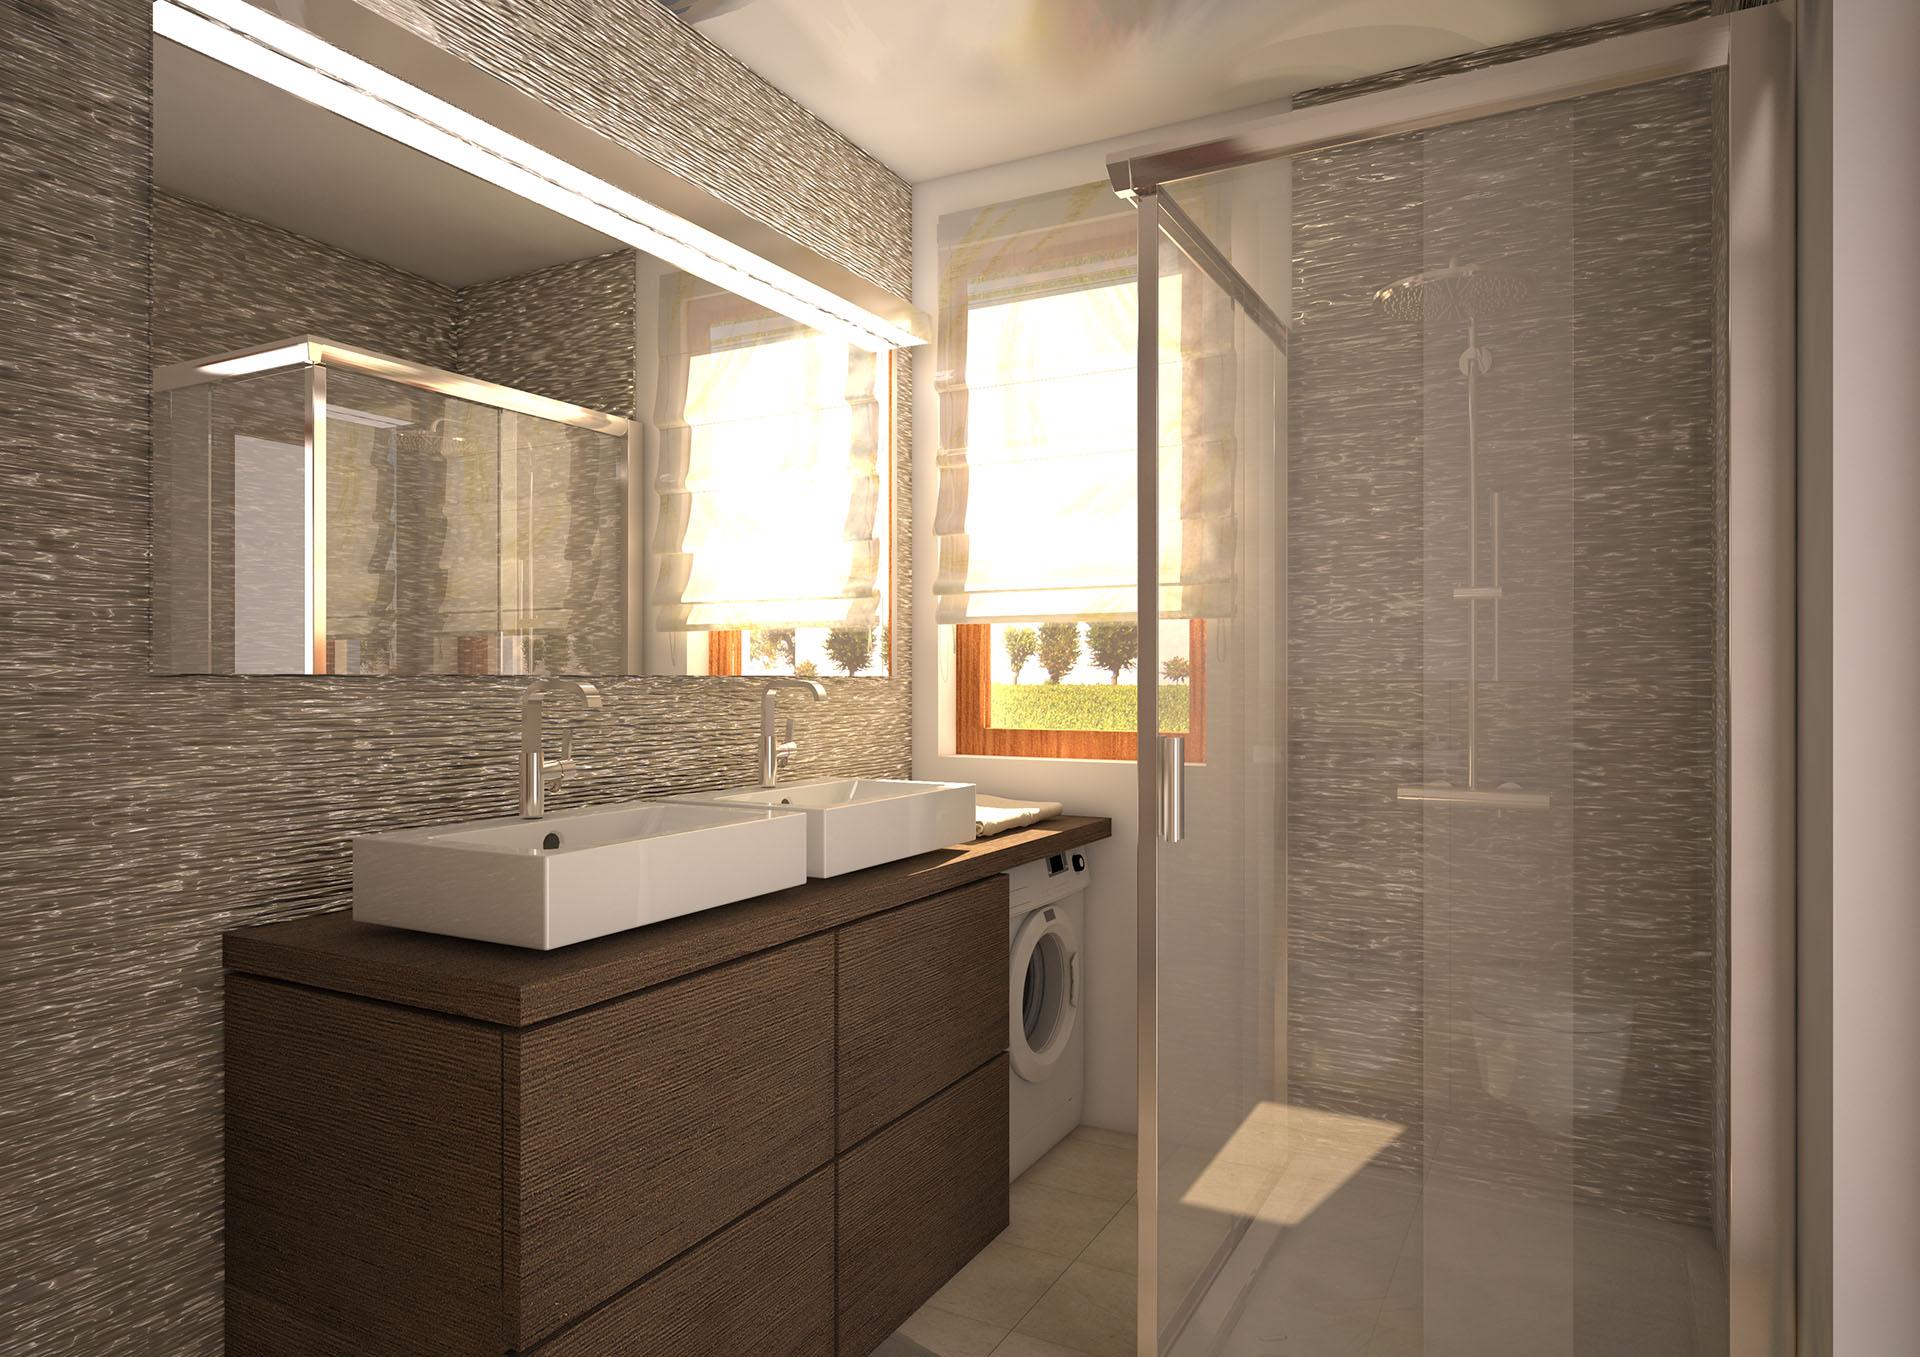 Rendering d 39 interni bagno final architettura e for Software architettura interni